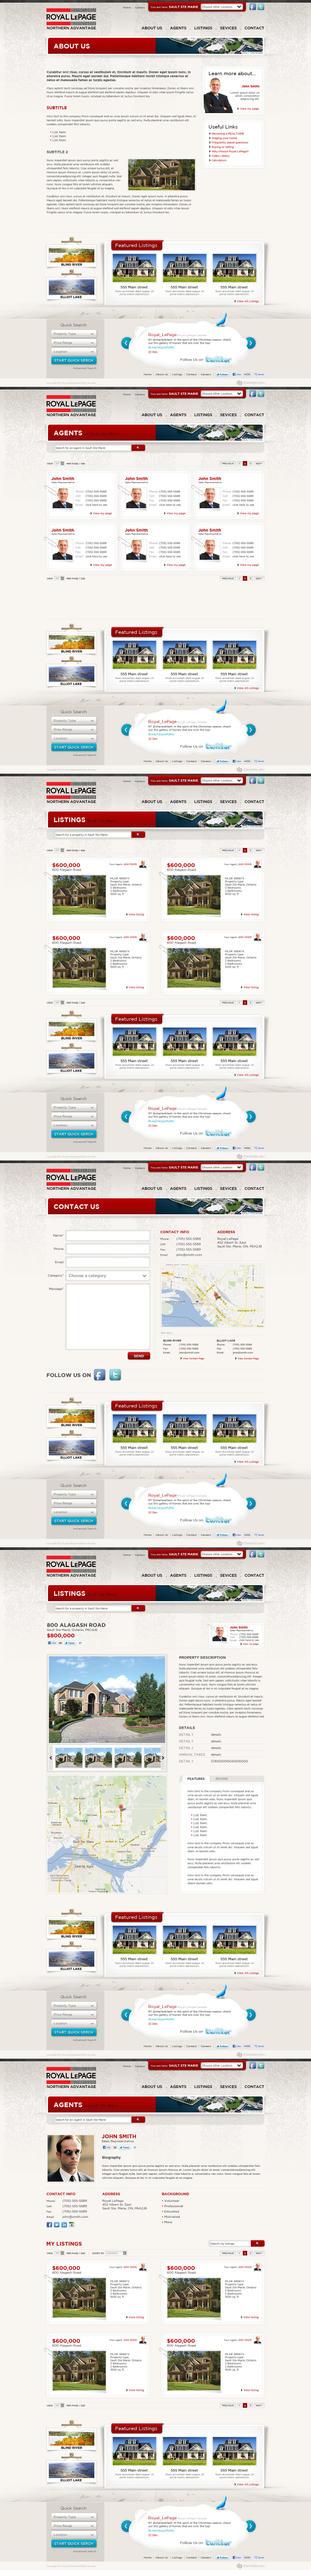 Web Design: Royal LePage by VictoryDesign